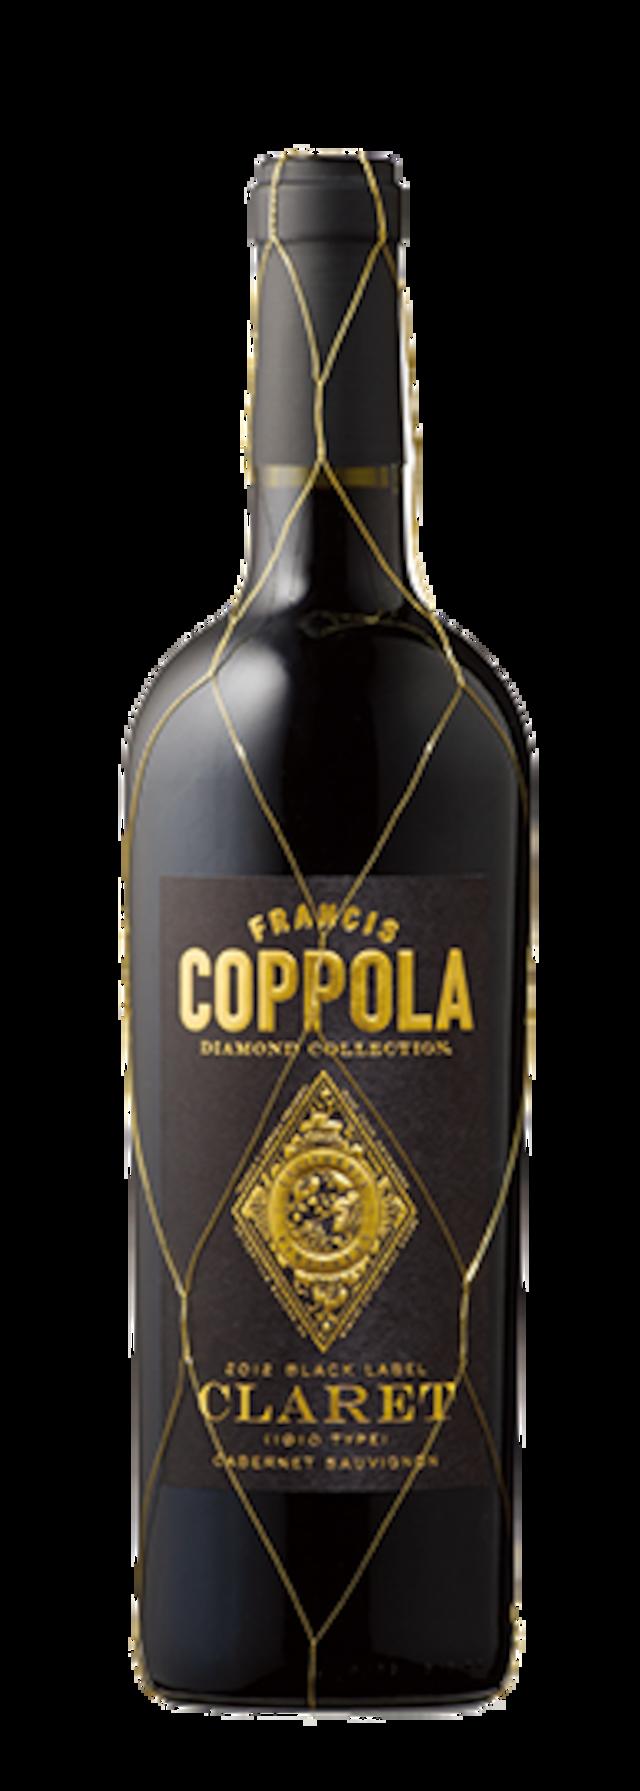 2017 フランシス・コッポラ ダイヤモンド・コレクション クラレット カリフォルニア